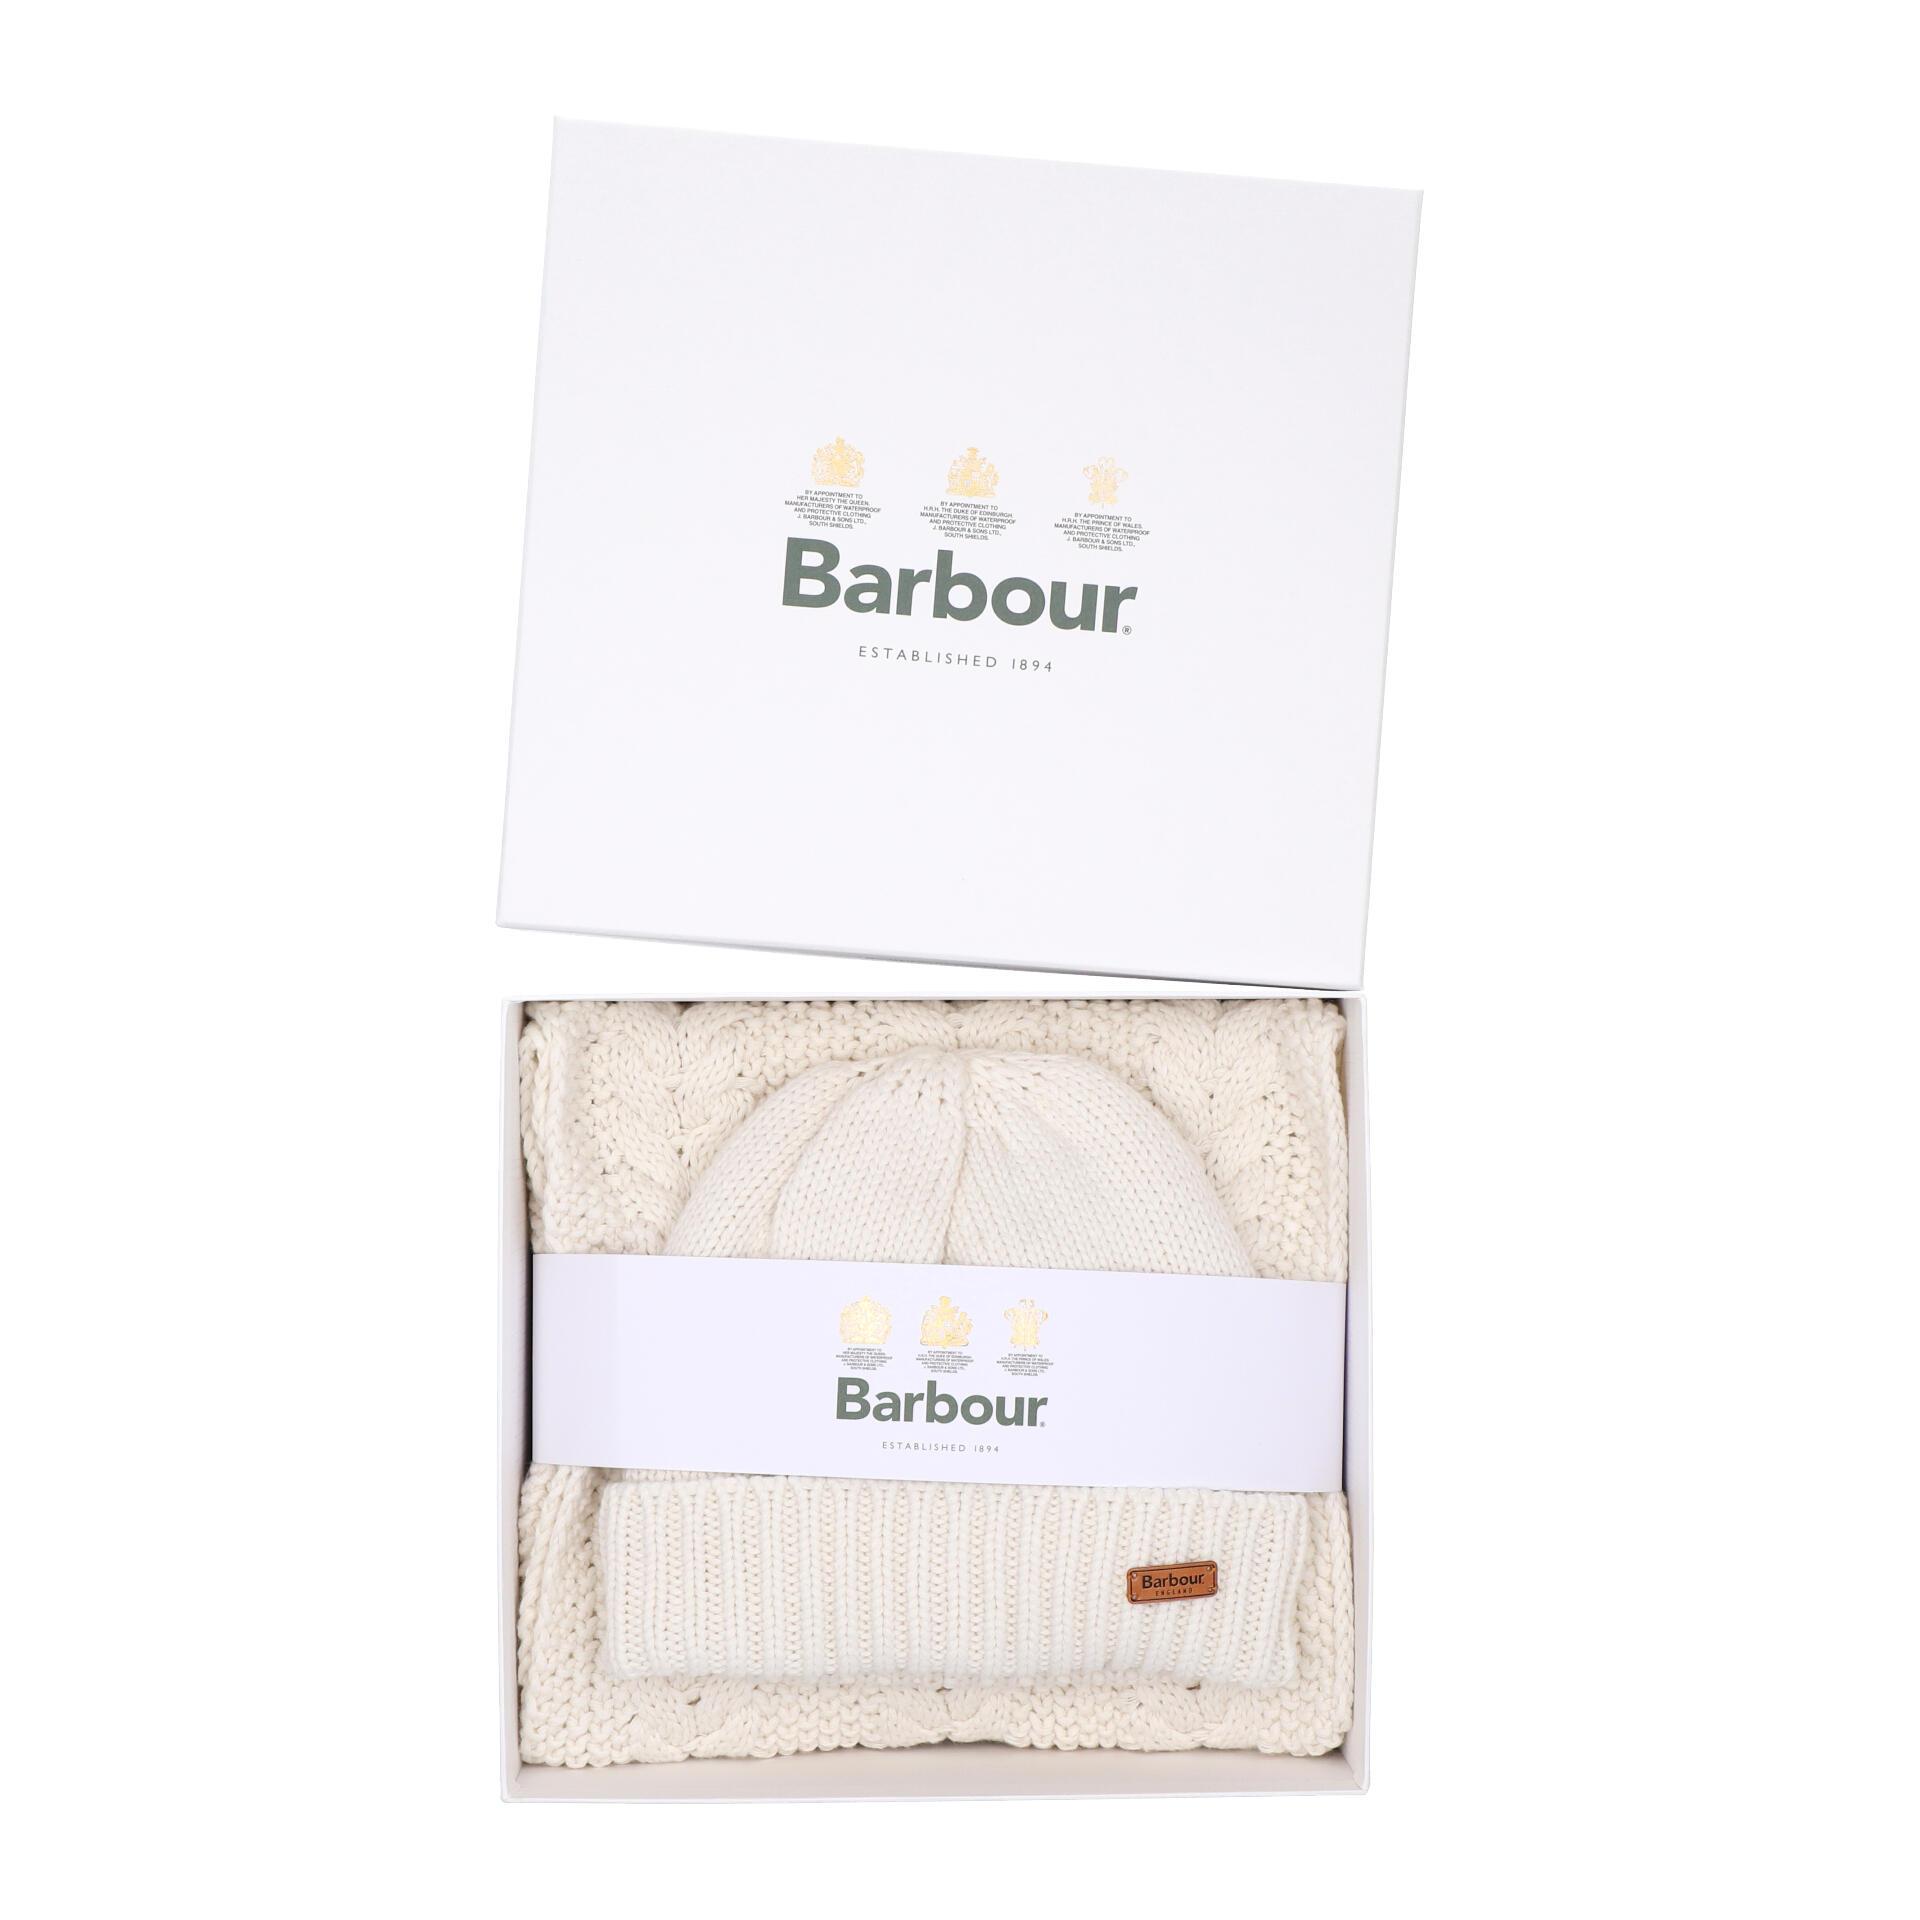 Barbour  Mütze und Schal im Geschenkset cloud